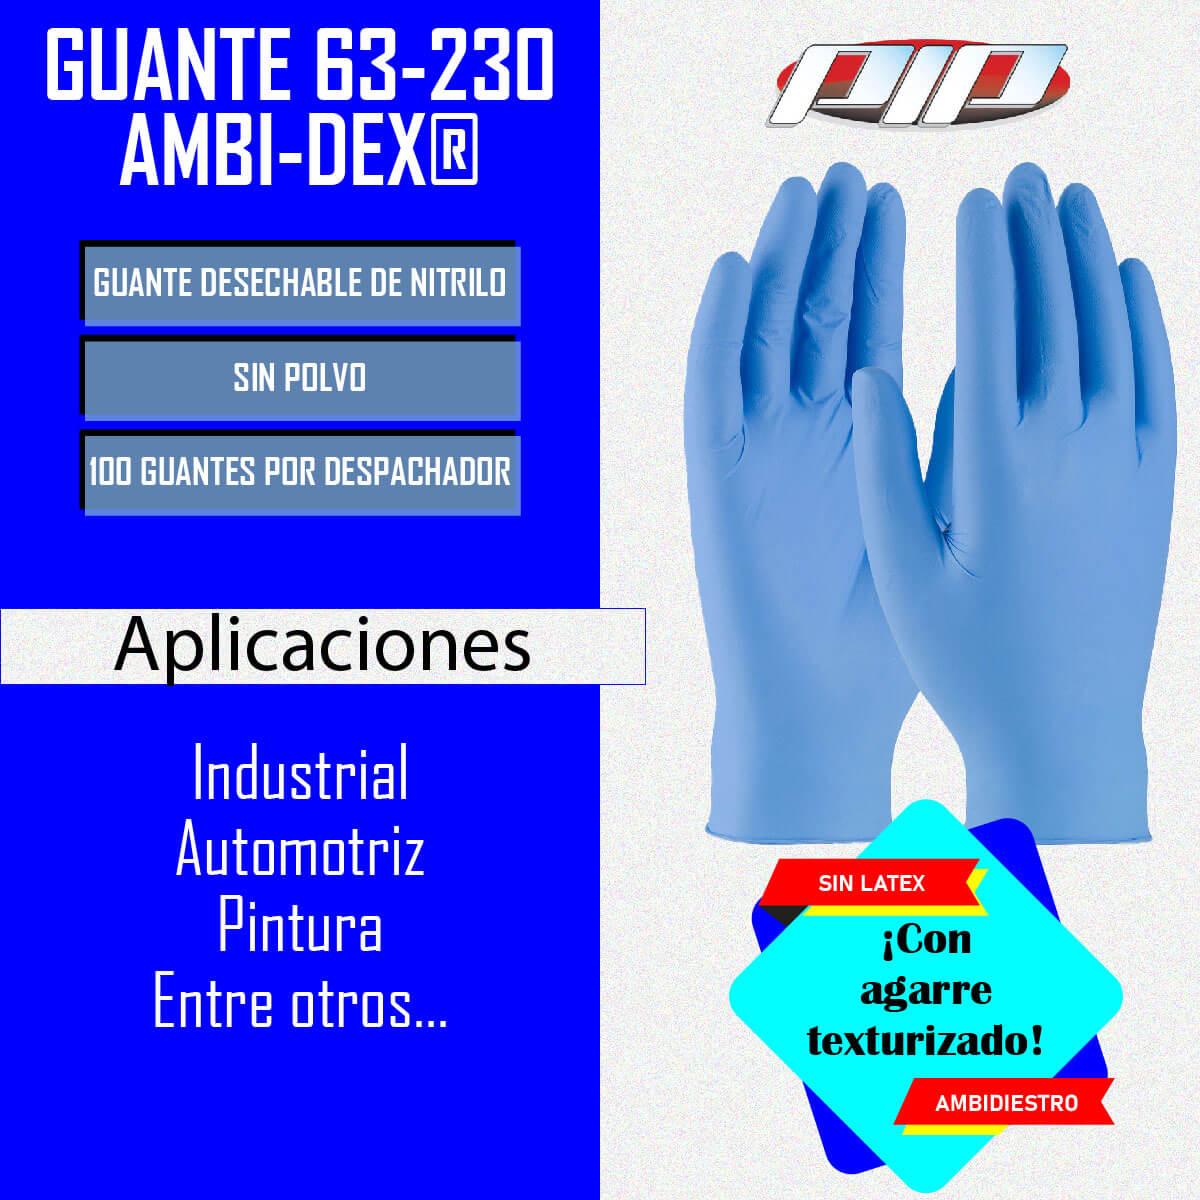 Guante desechable de nitrilo 63-230 PIP